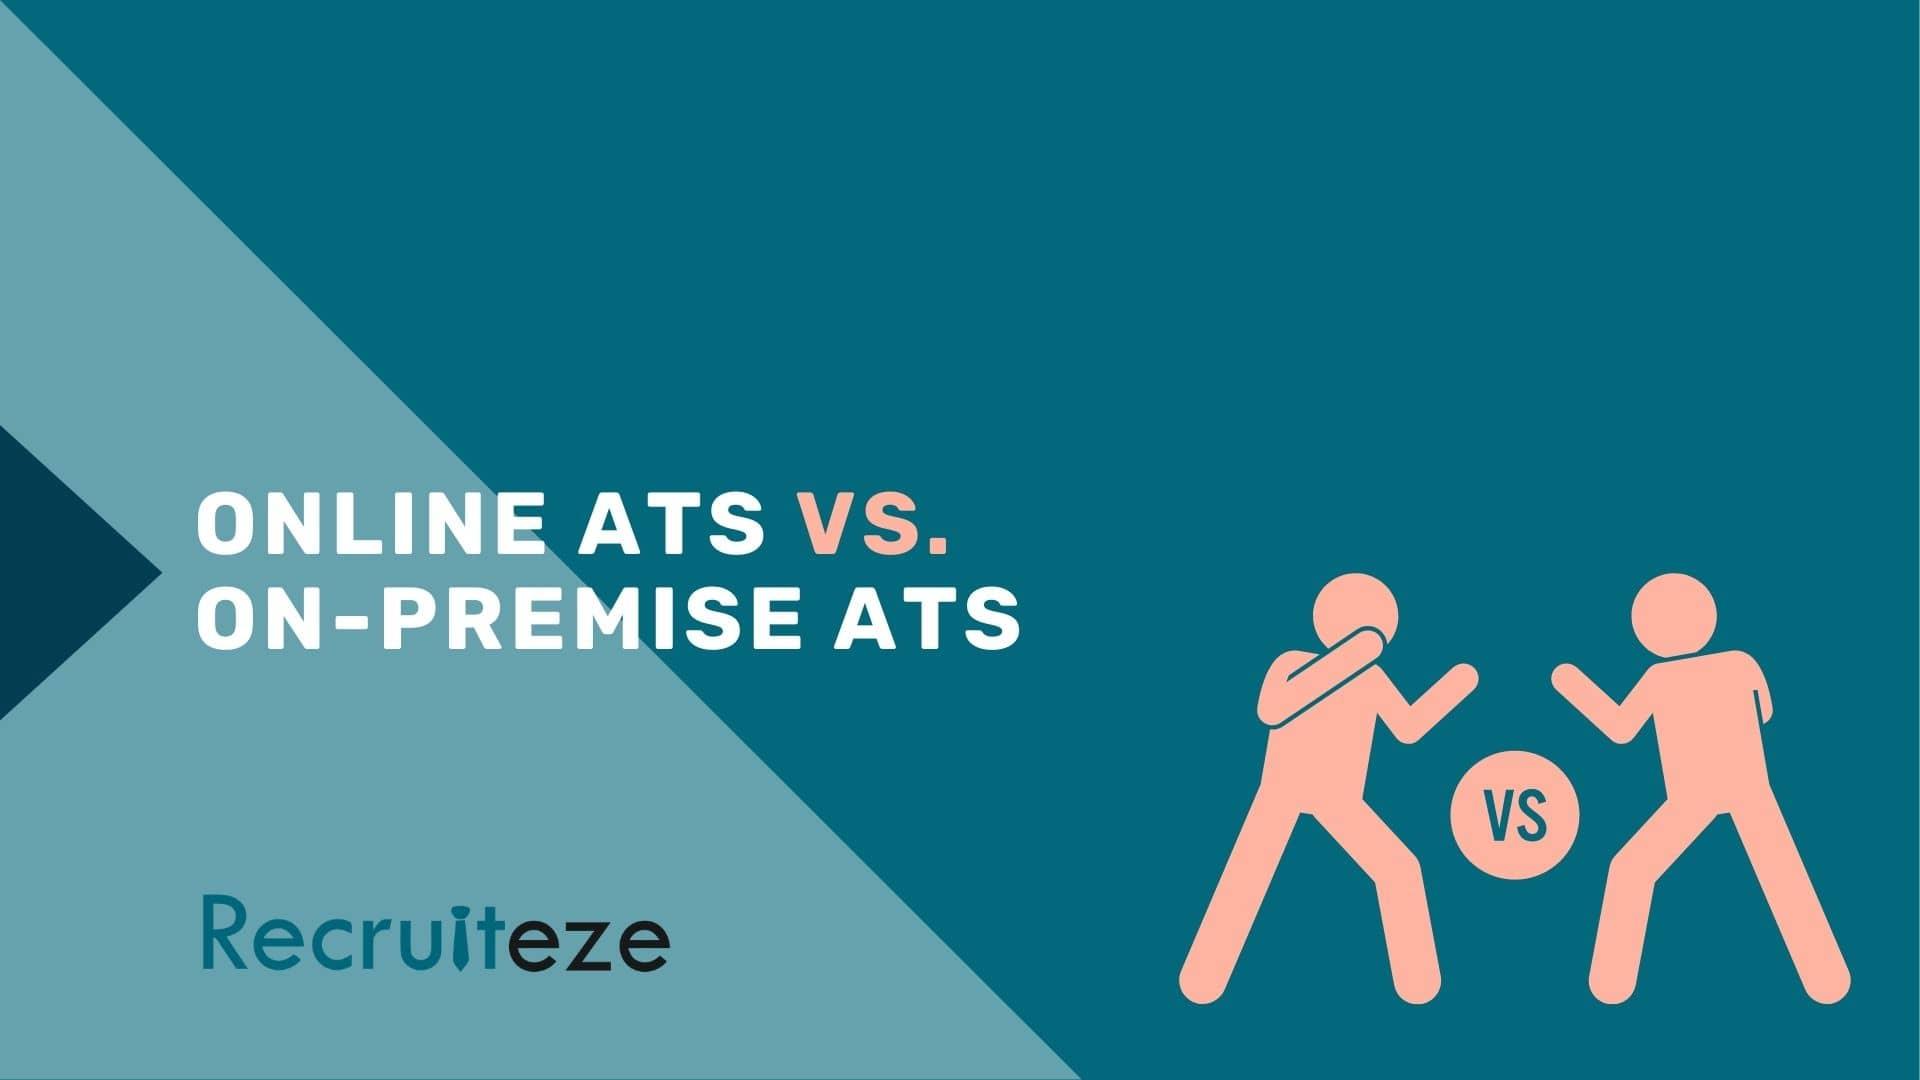 Recruiteze - online ats vs on-premise ATS